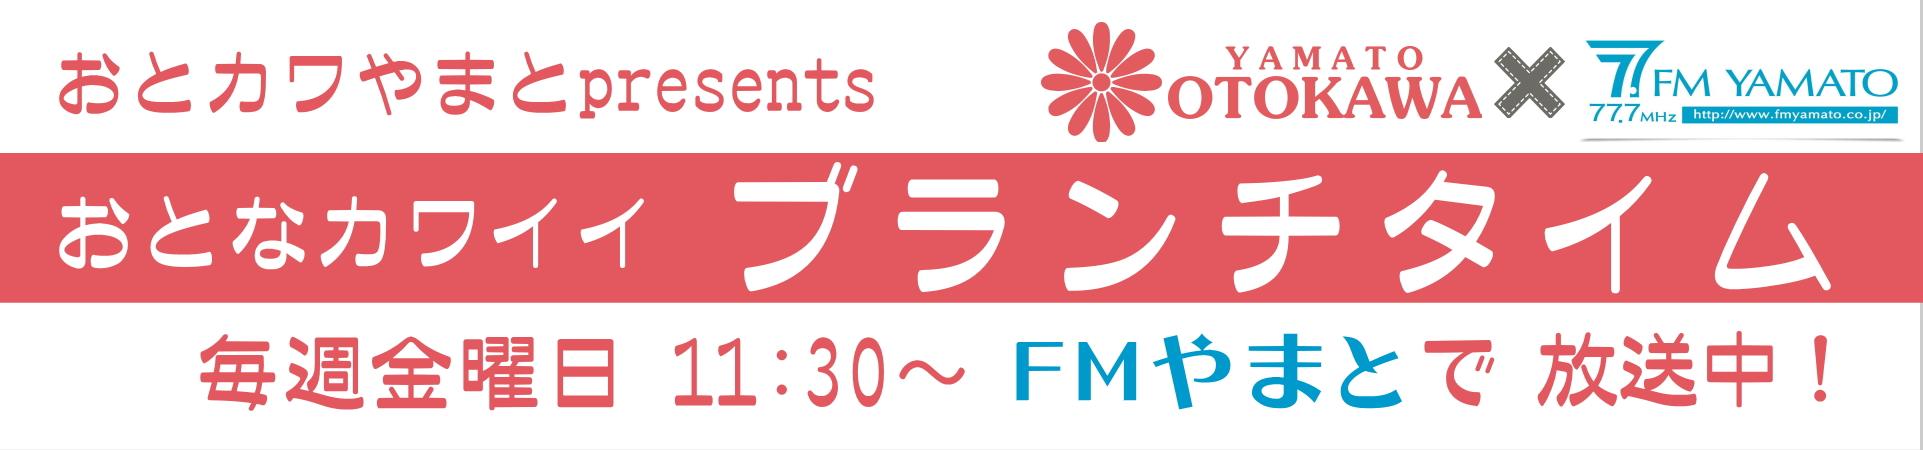 おとカワやまとpresents「おとなカワイイ ブランチタイム」毎週金曜日11:30よりFMやまとで放送中!